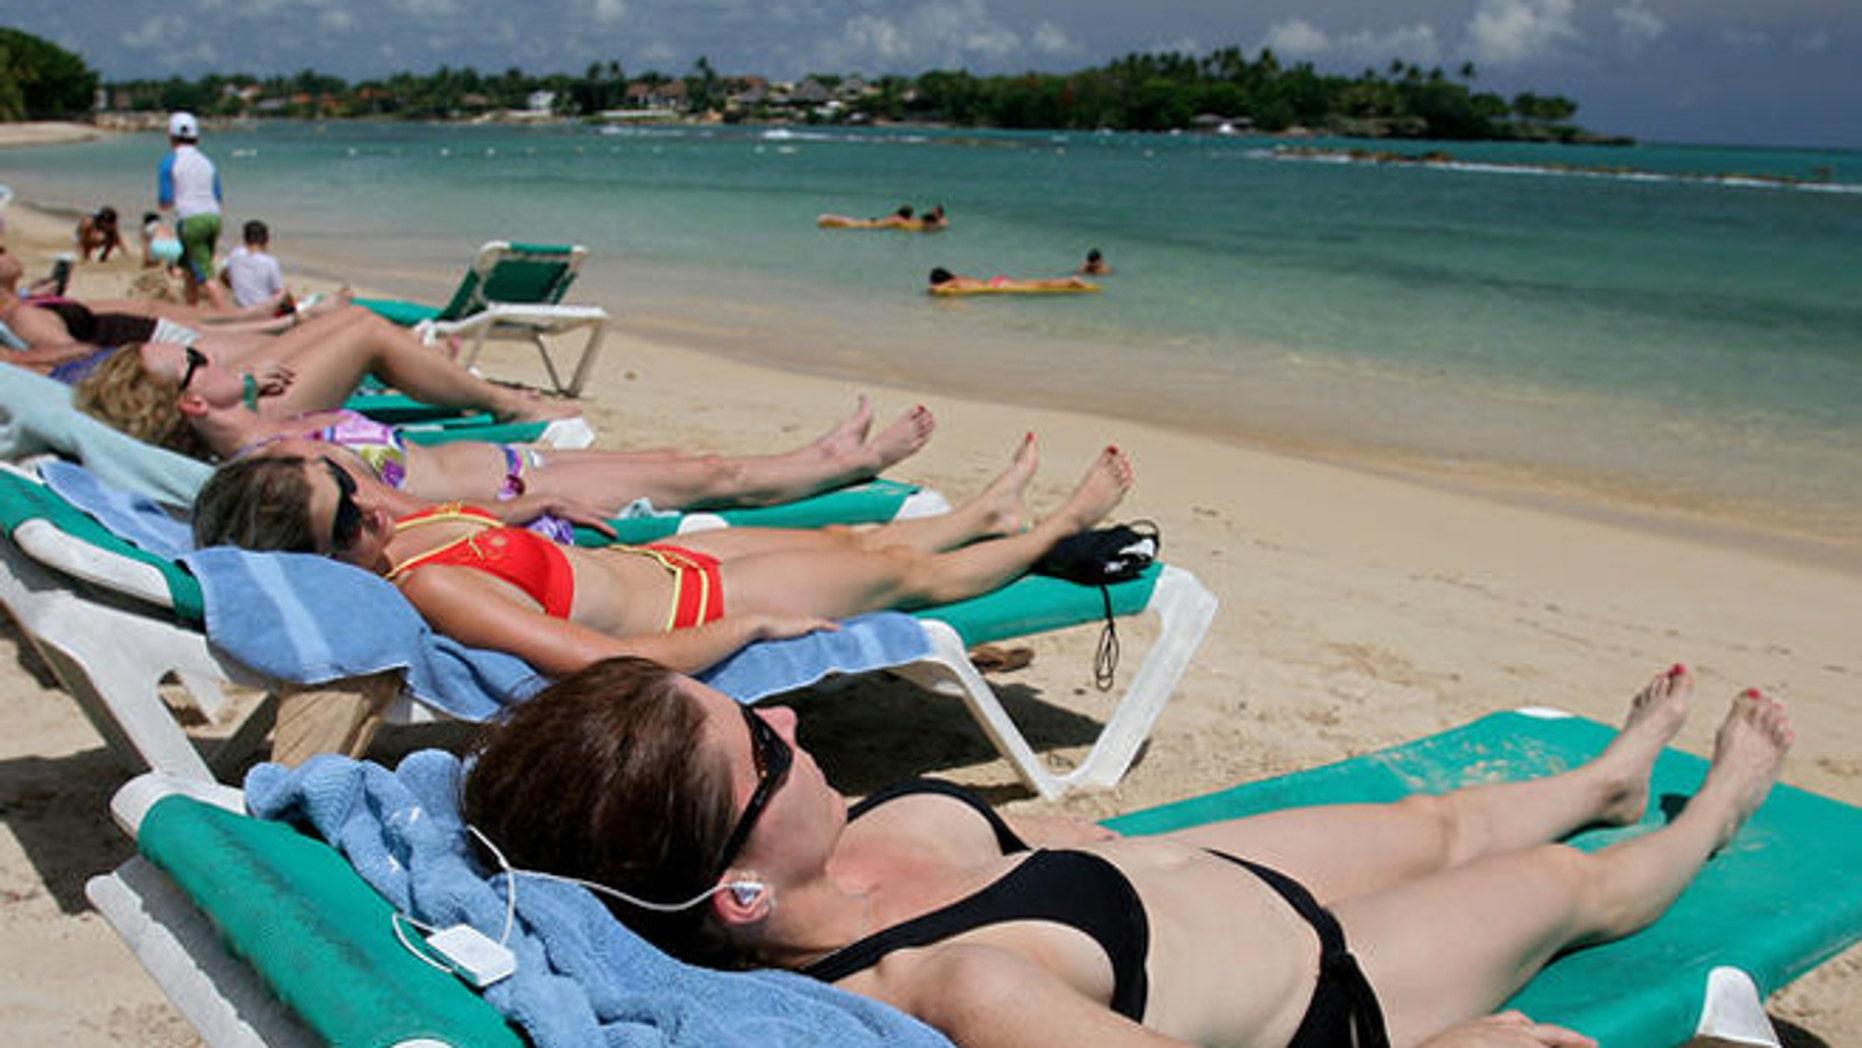 American tourists at the Casa de Campo resort  in La Romana, 70 miles east of Santo Domingo, Dominican Republic.